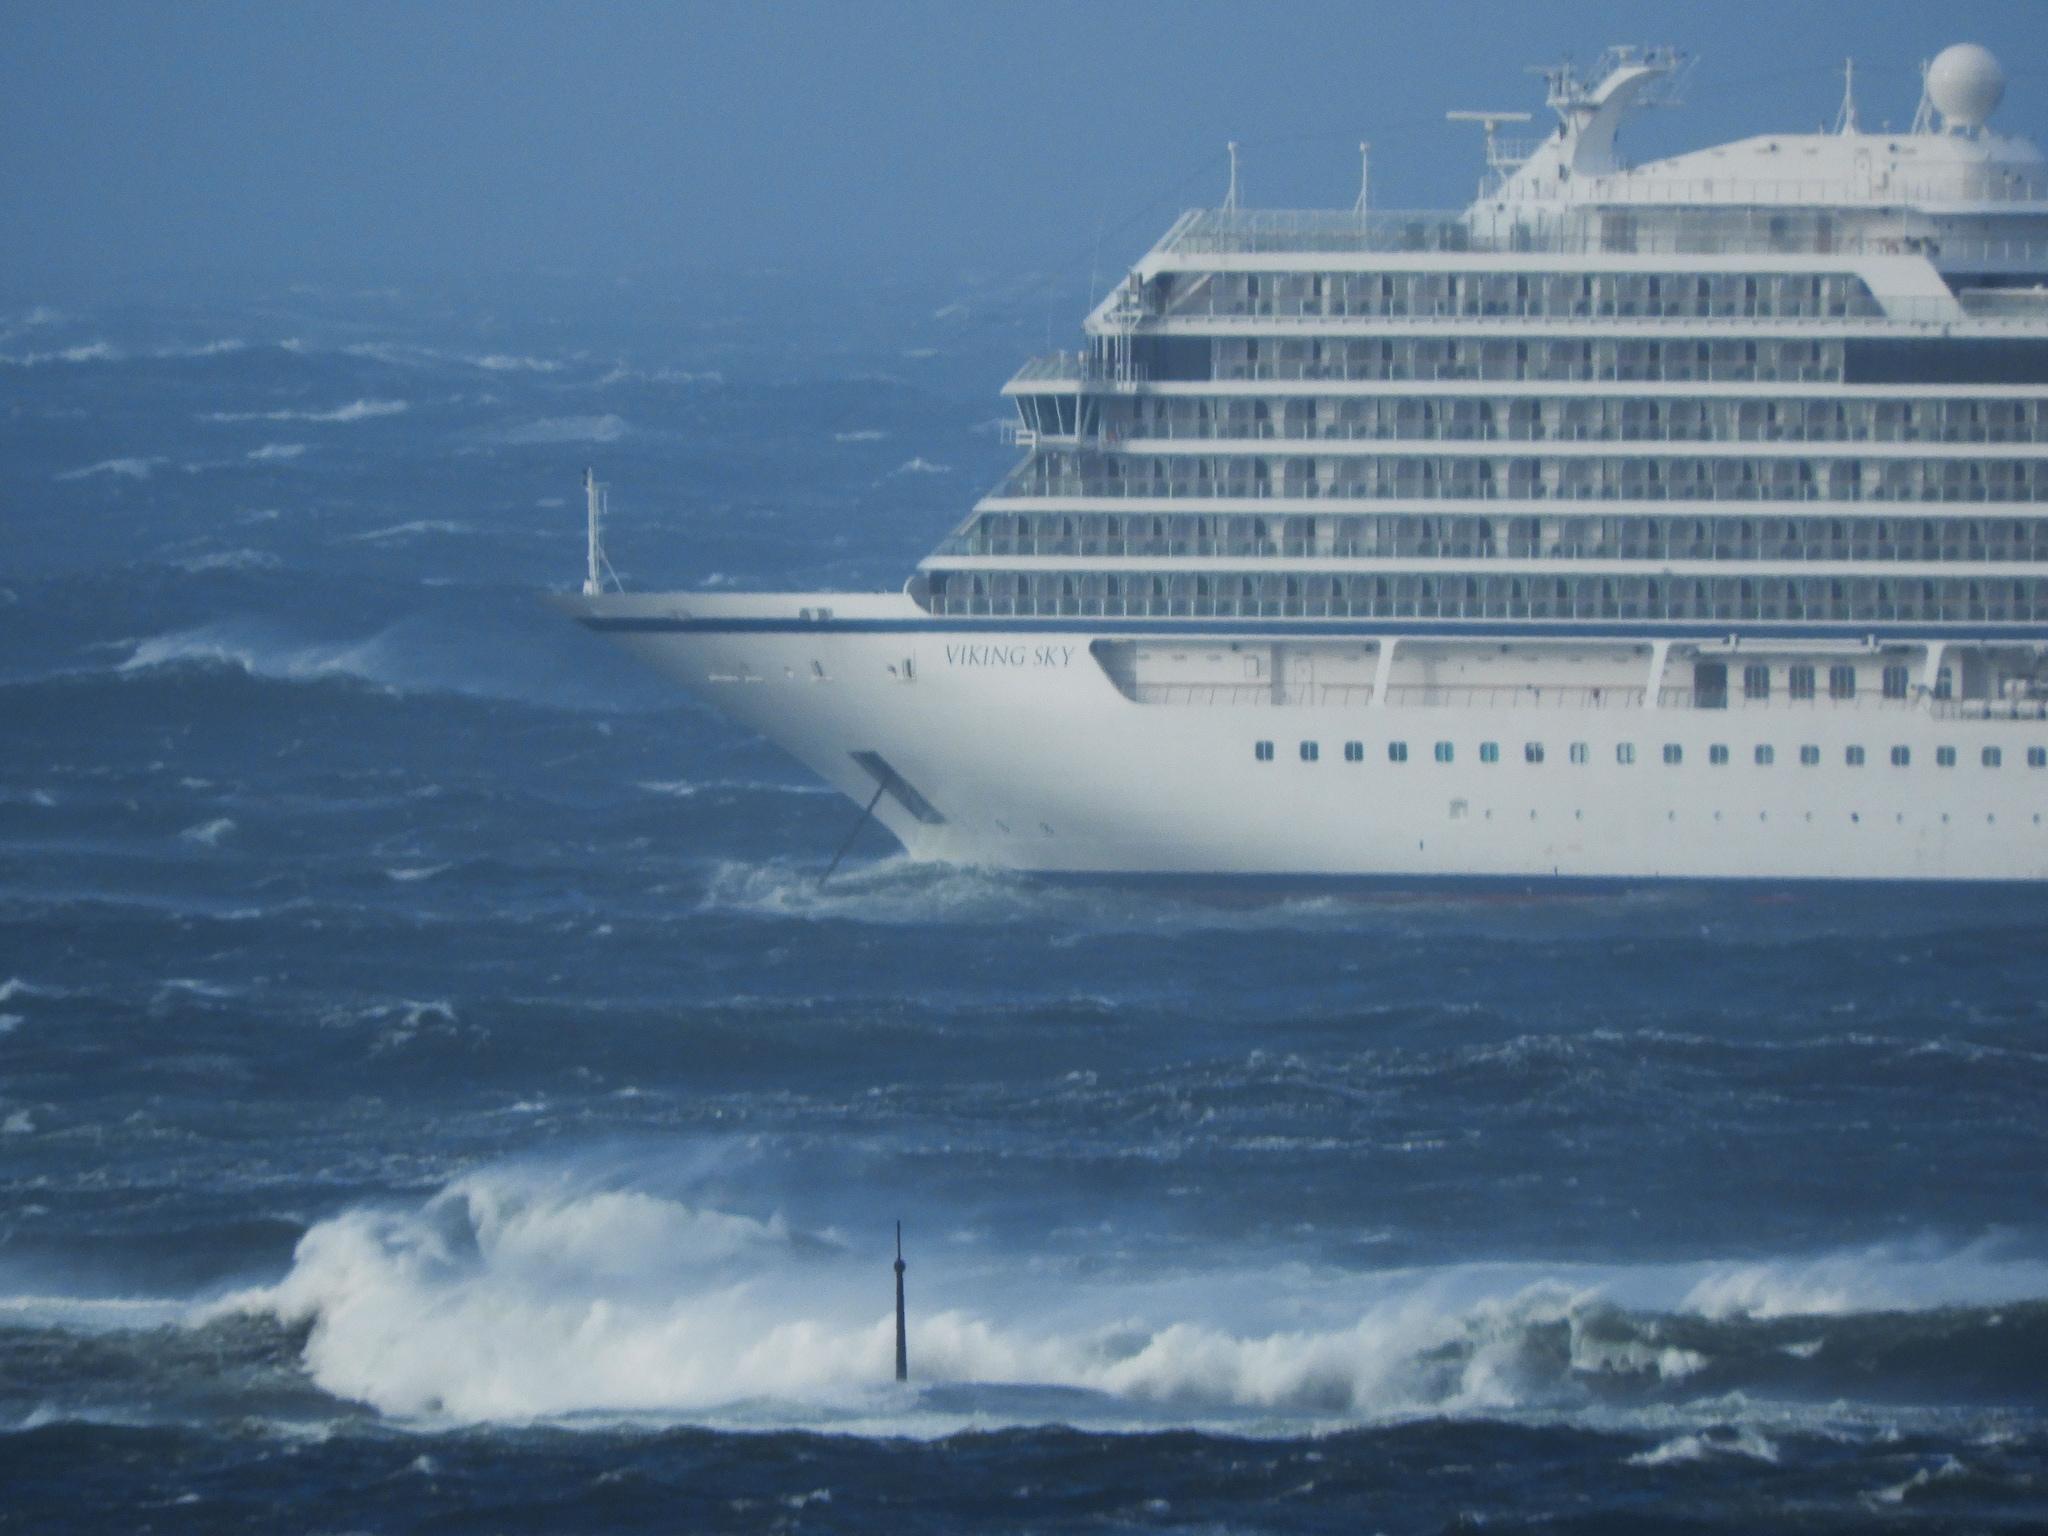 Norvegia: nave da crociera in avaria, 1300 persone in pericolo